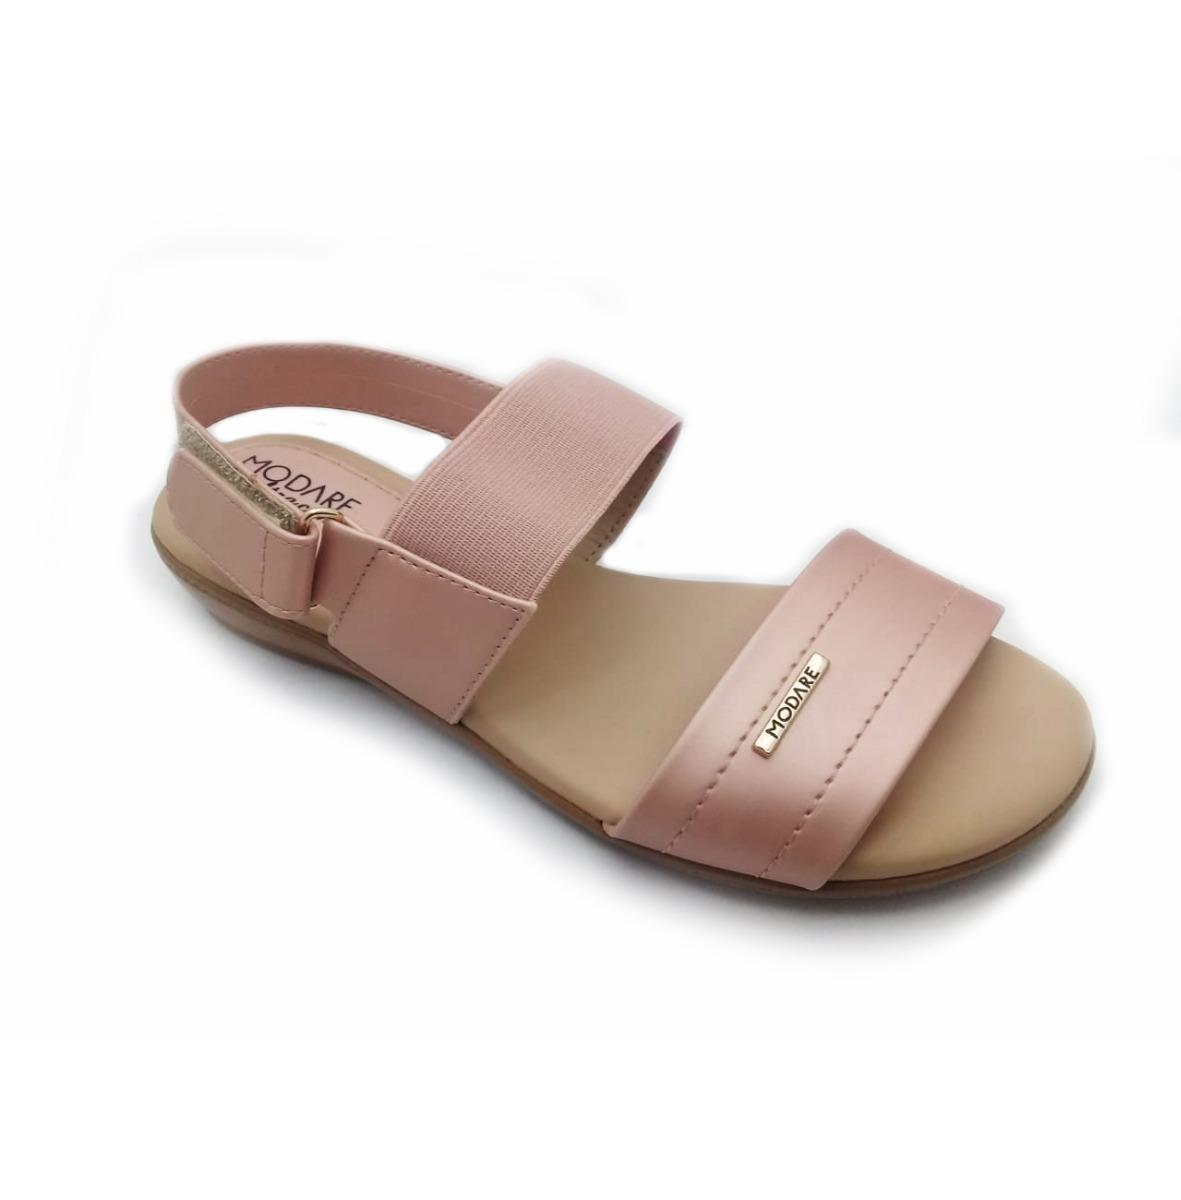 9025e5a8d sandálias ortopédicas modare promoção liquida tucca calçados. Carregando  zoom.